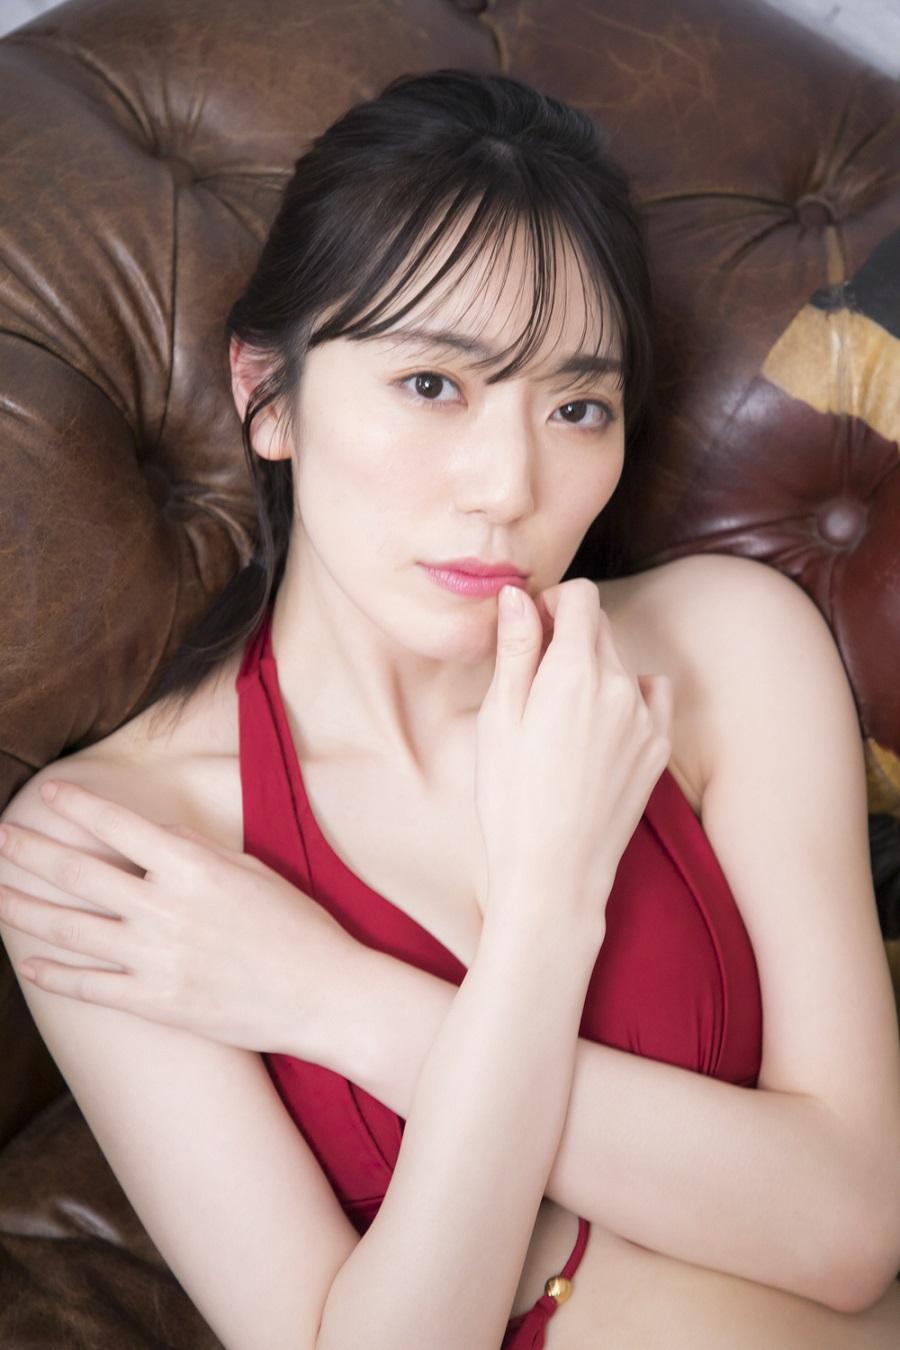 写真は、唇に指を添える松井さん (C)KADOKAWA  (C)MATSUI SAKIKO  (C)SOMEDAY  PHOTO/TANAKA TOMOHISA